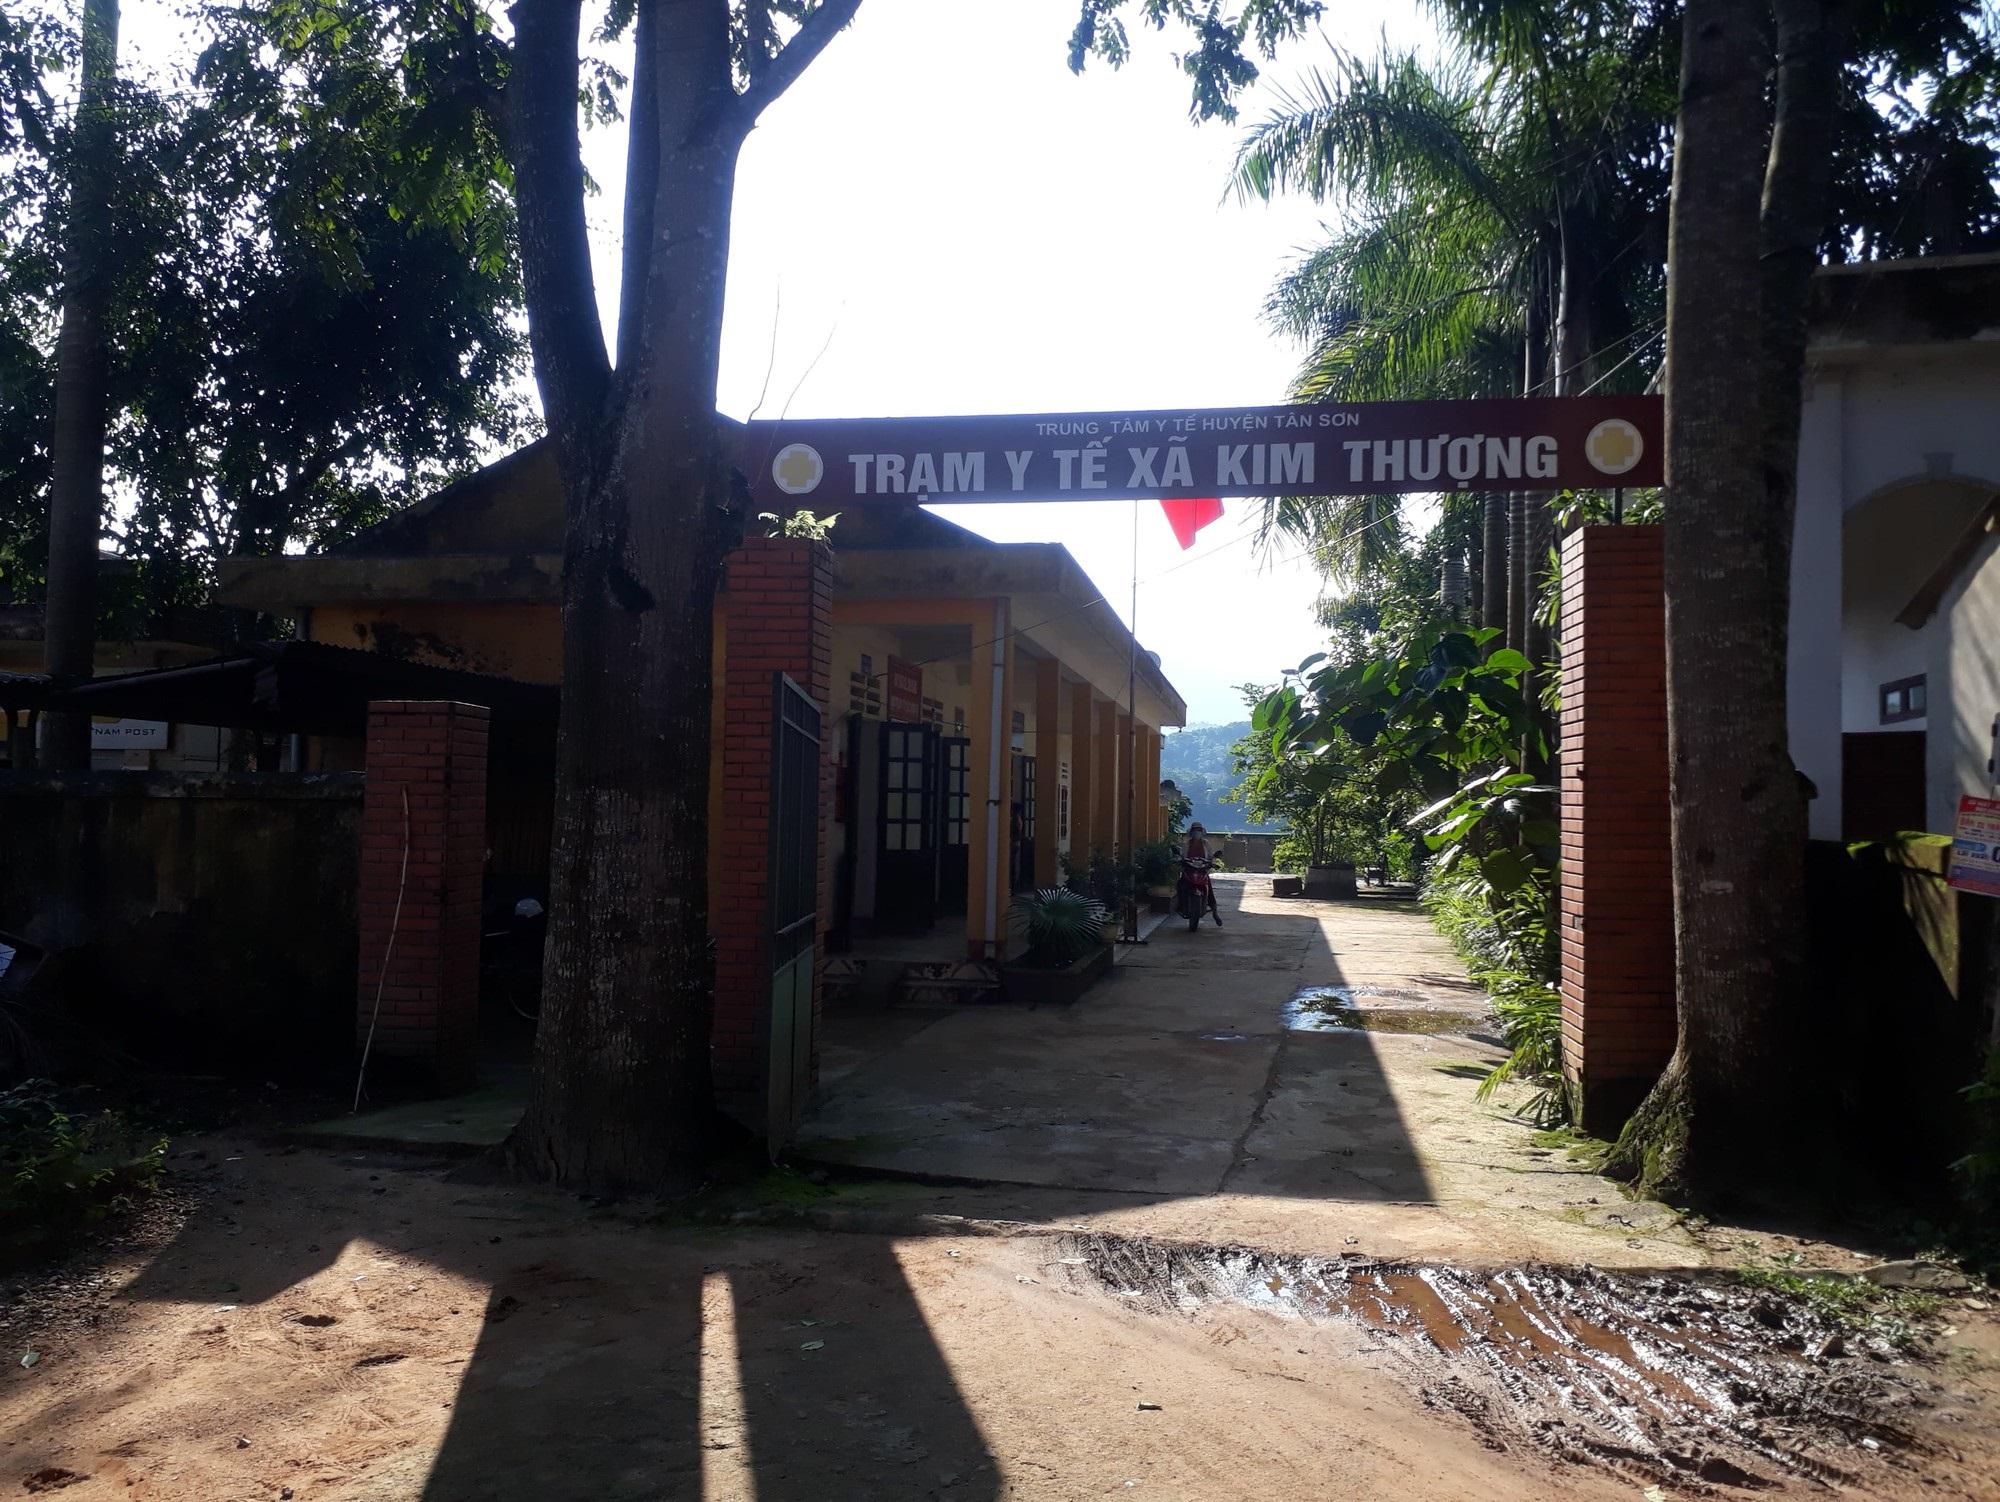 Vụ phát hiện hàng loạt ca nhiễm HIV ở Phú Thọ: Trên địa bàn xã Kim Thượng đã phát hiện 9 trường hợp nhiễm HIV từ nhiều năm trước - Ảnh 3